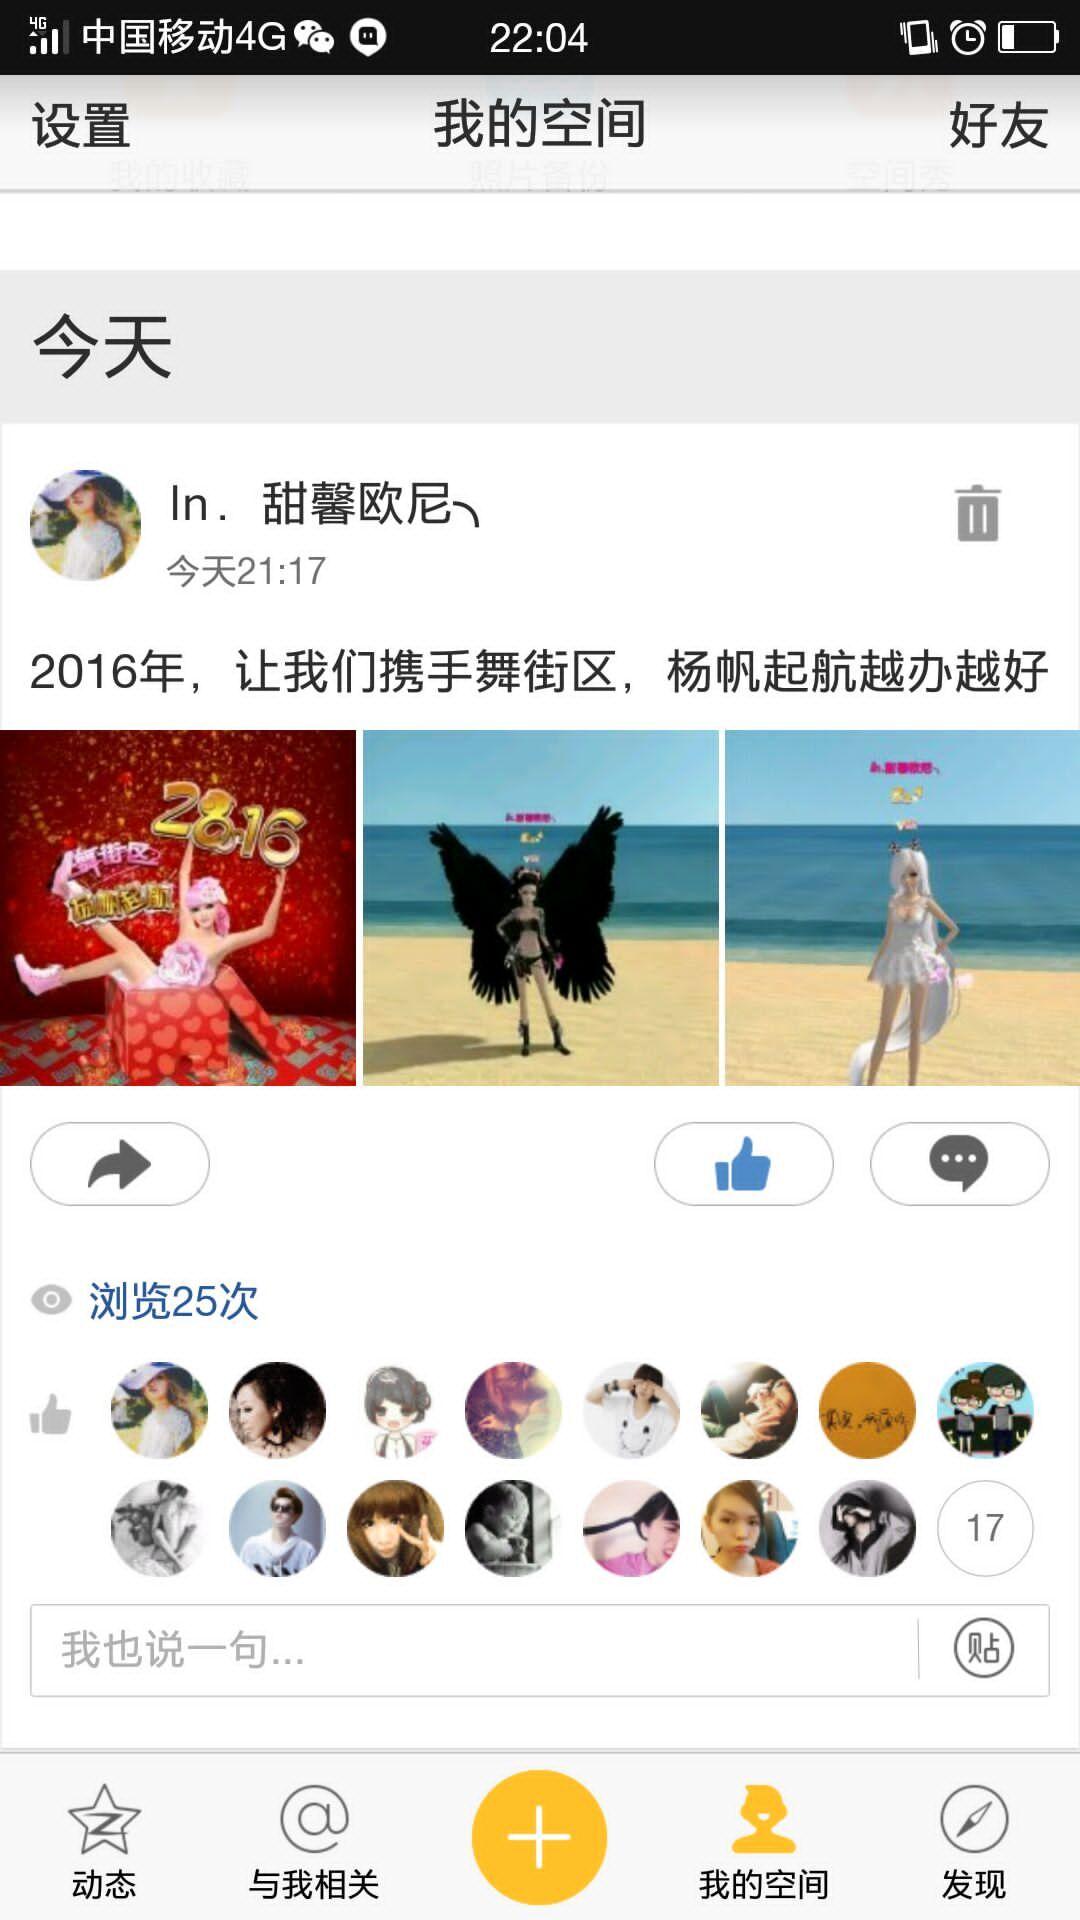 QQ图片20160219220553.jpg